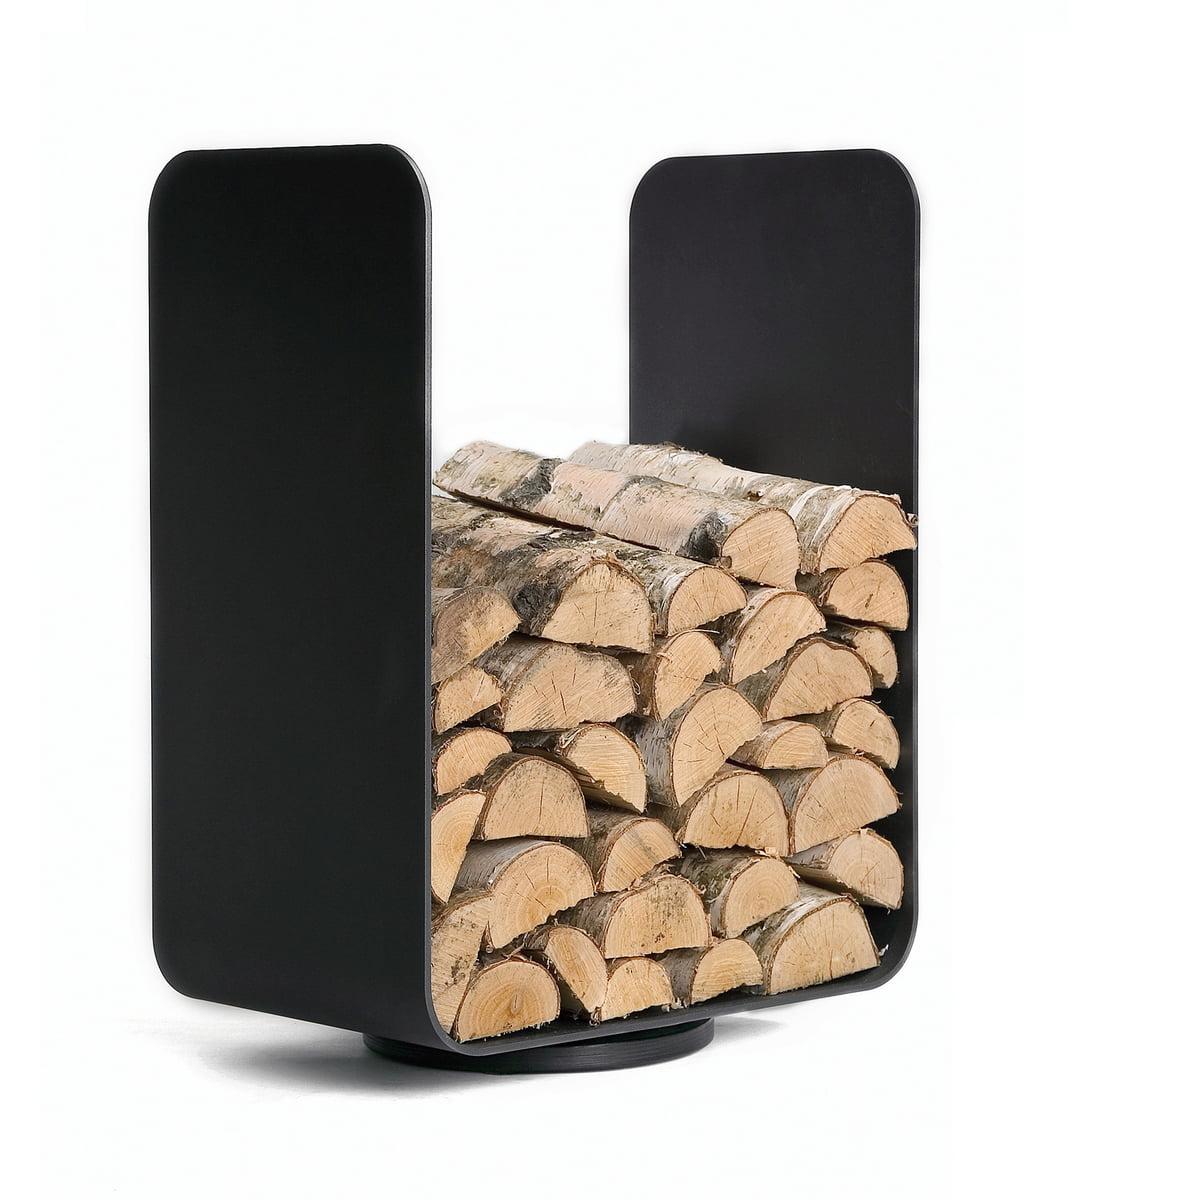 Stockage de bois u turn baest boutique - Holzaufbewahrung wohnzimmer ...